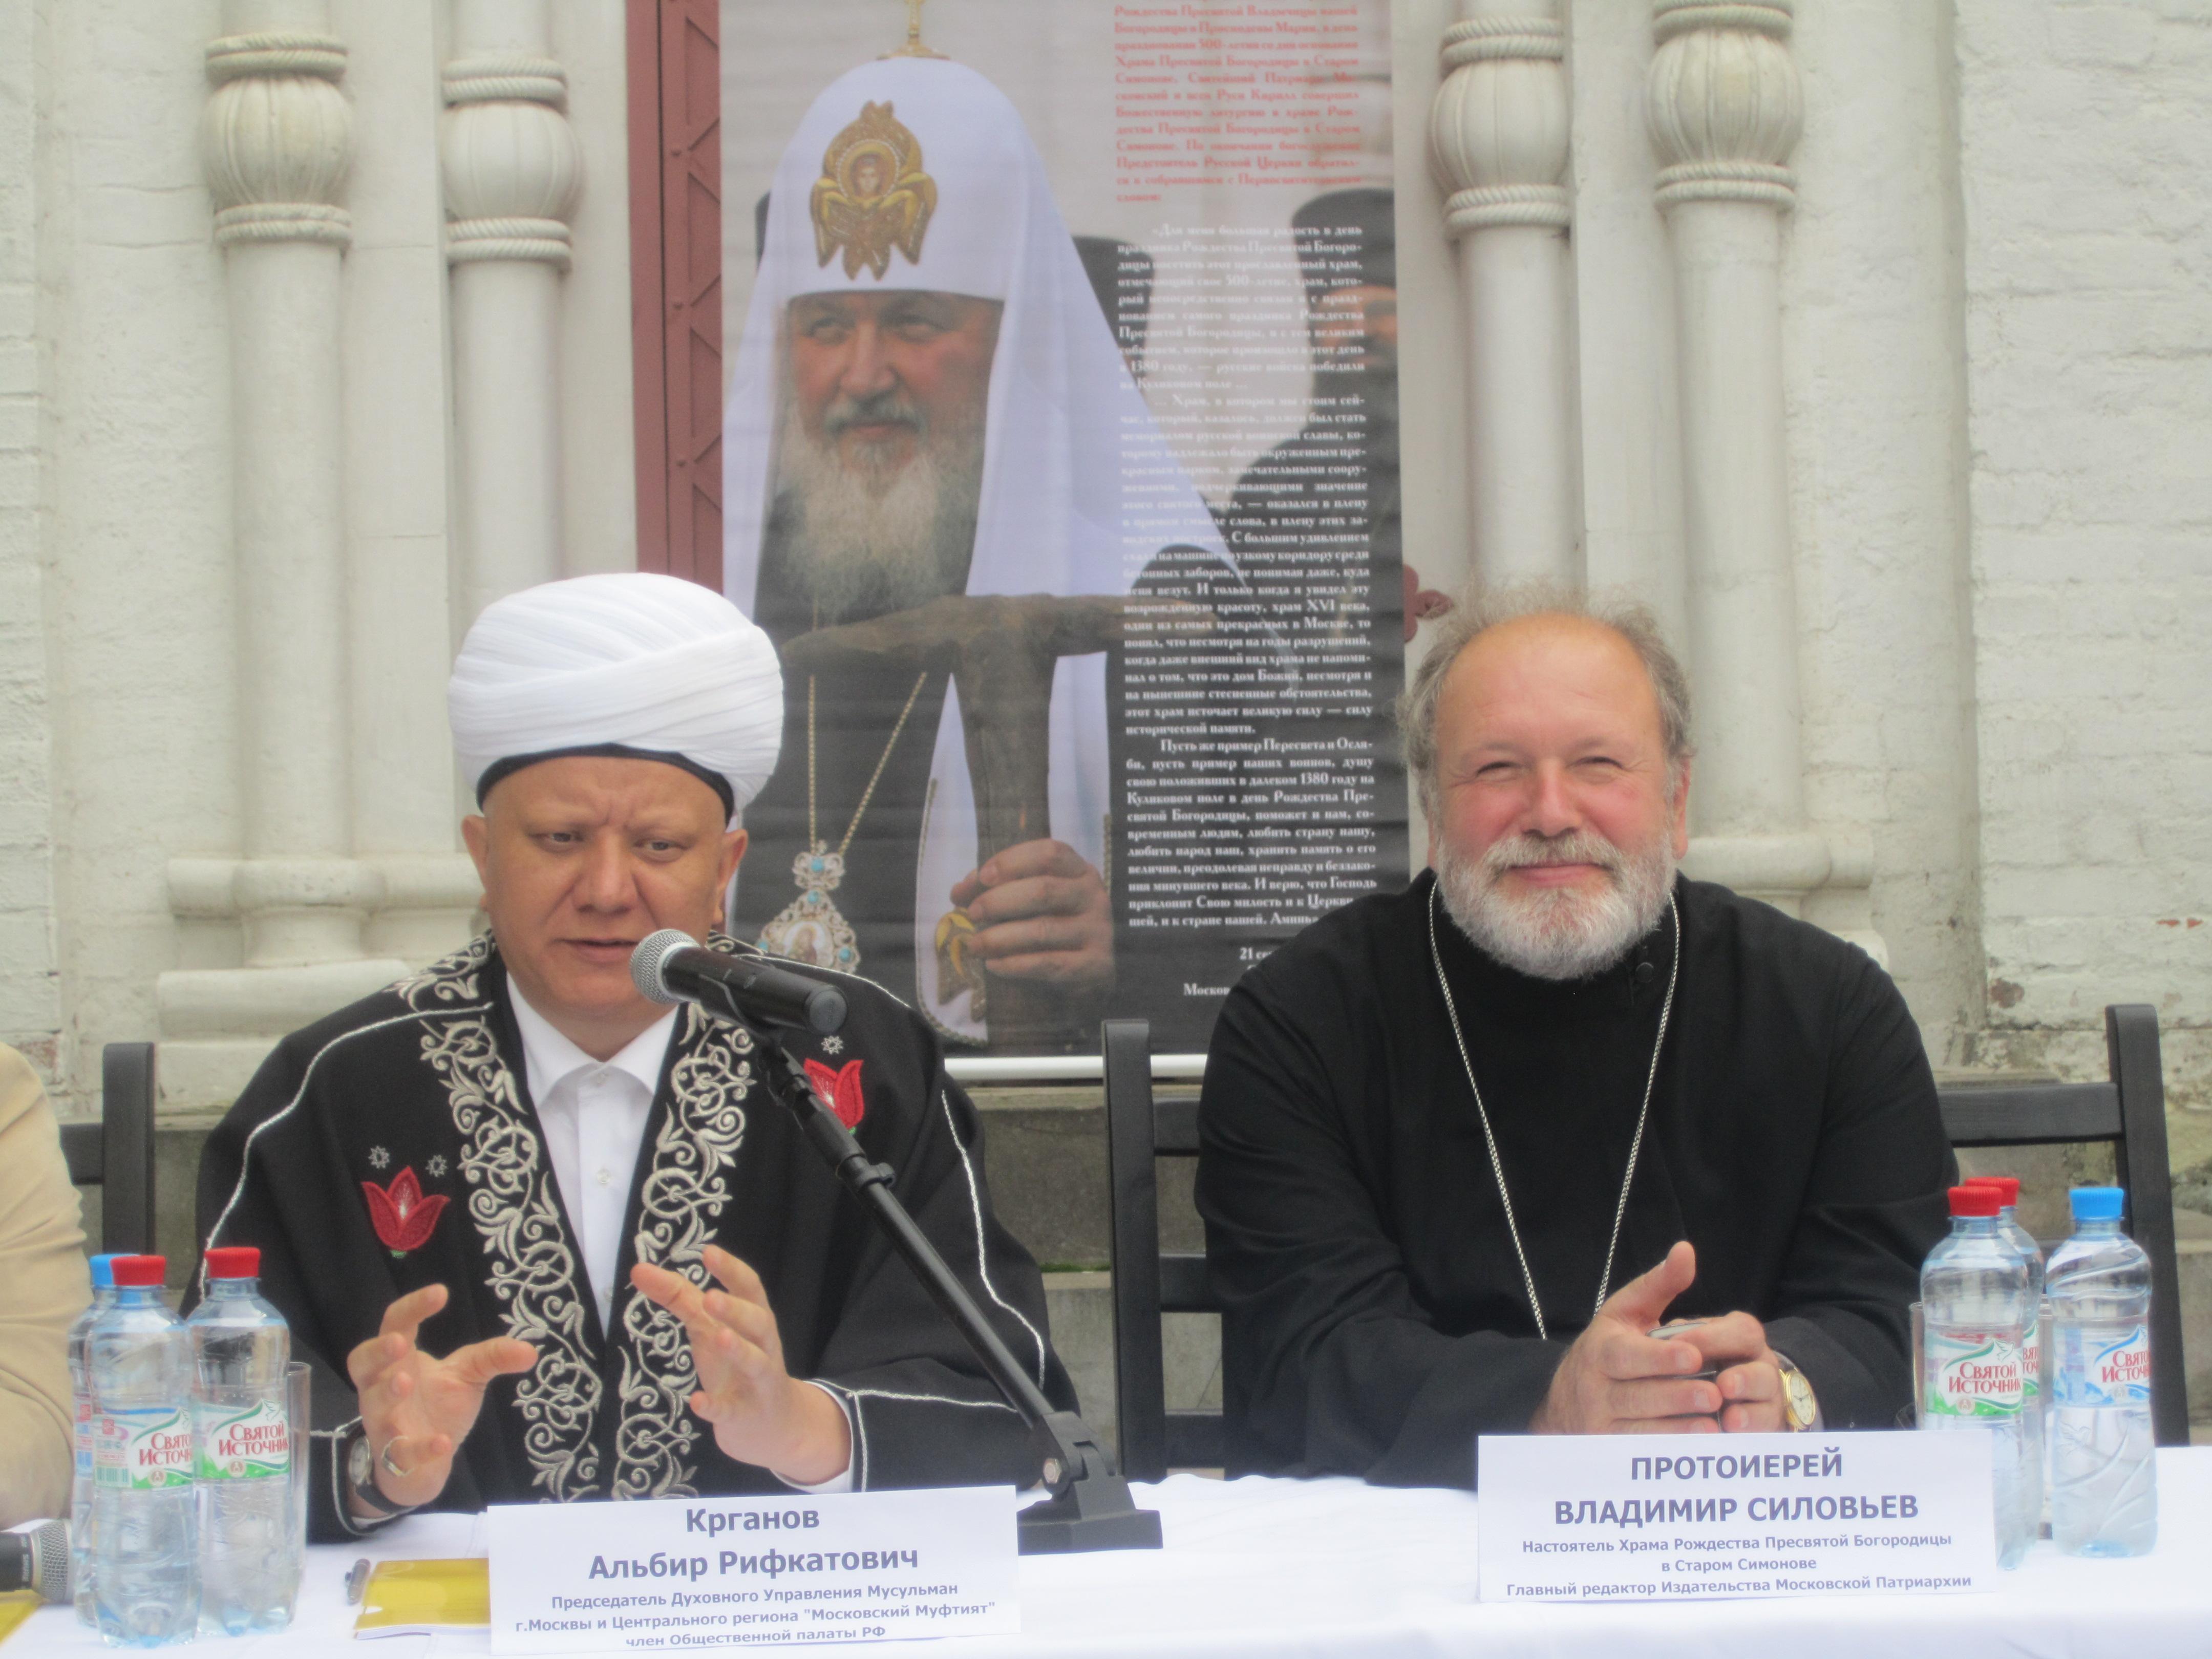 Муфтий Альбир Крганов и протоиерей Владимир Силовьев